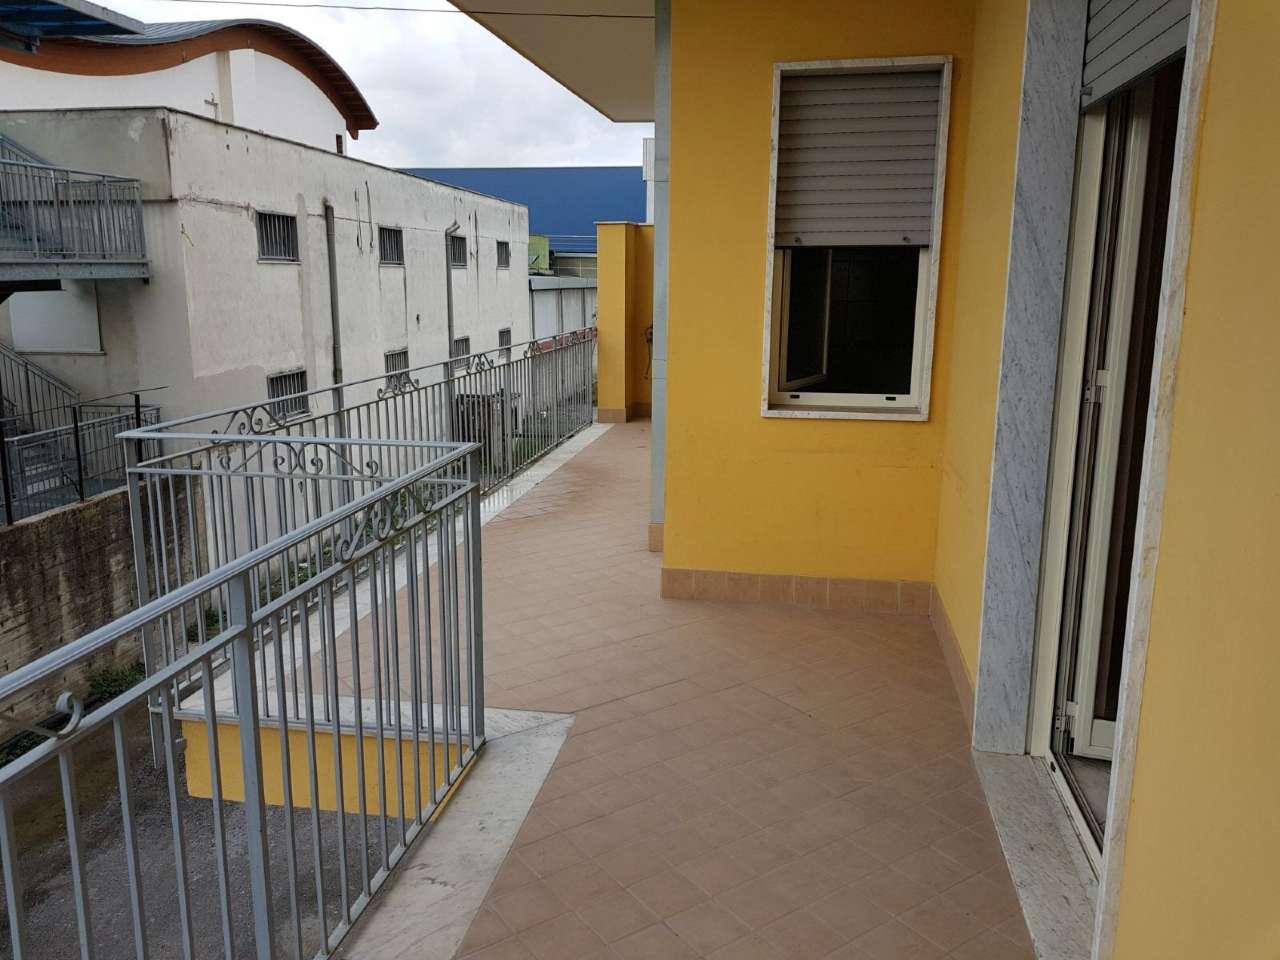 Appartamento, le vecchie I, 0, Vendita - Striano